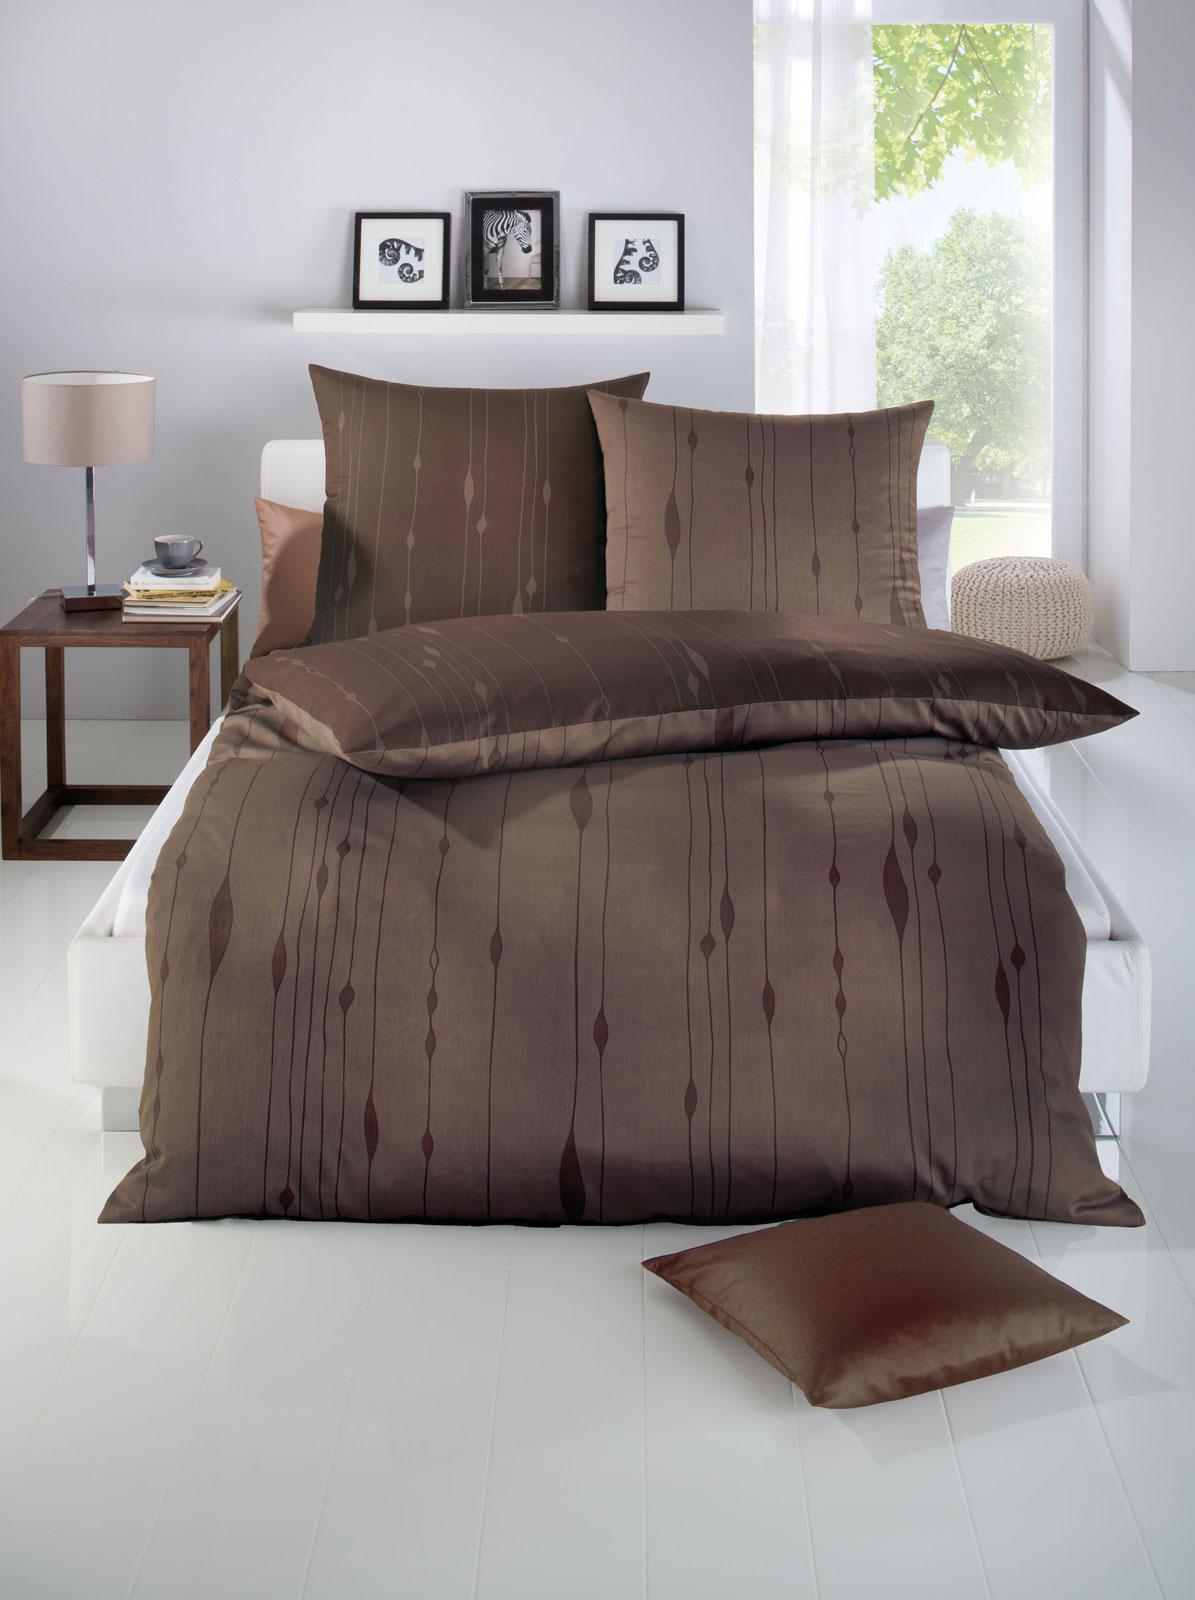 Bettwäsche - Kaeppel Biber Feinbiber Bettwäsche 100 Baumwolle Cocoon 684 506 braun 135x200  - Onlineshop PremiumShop321